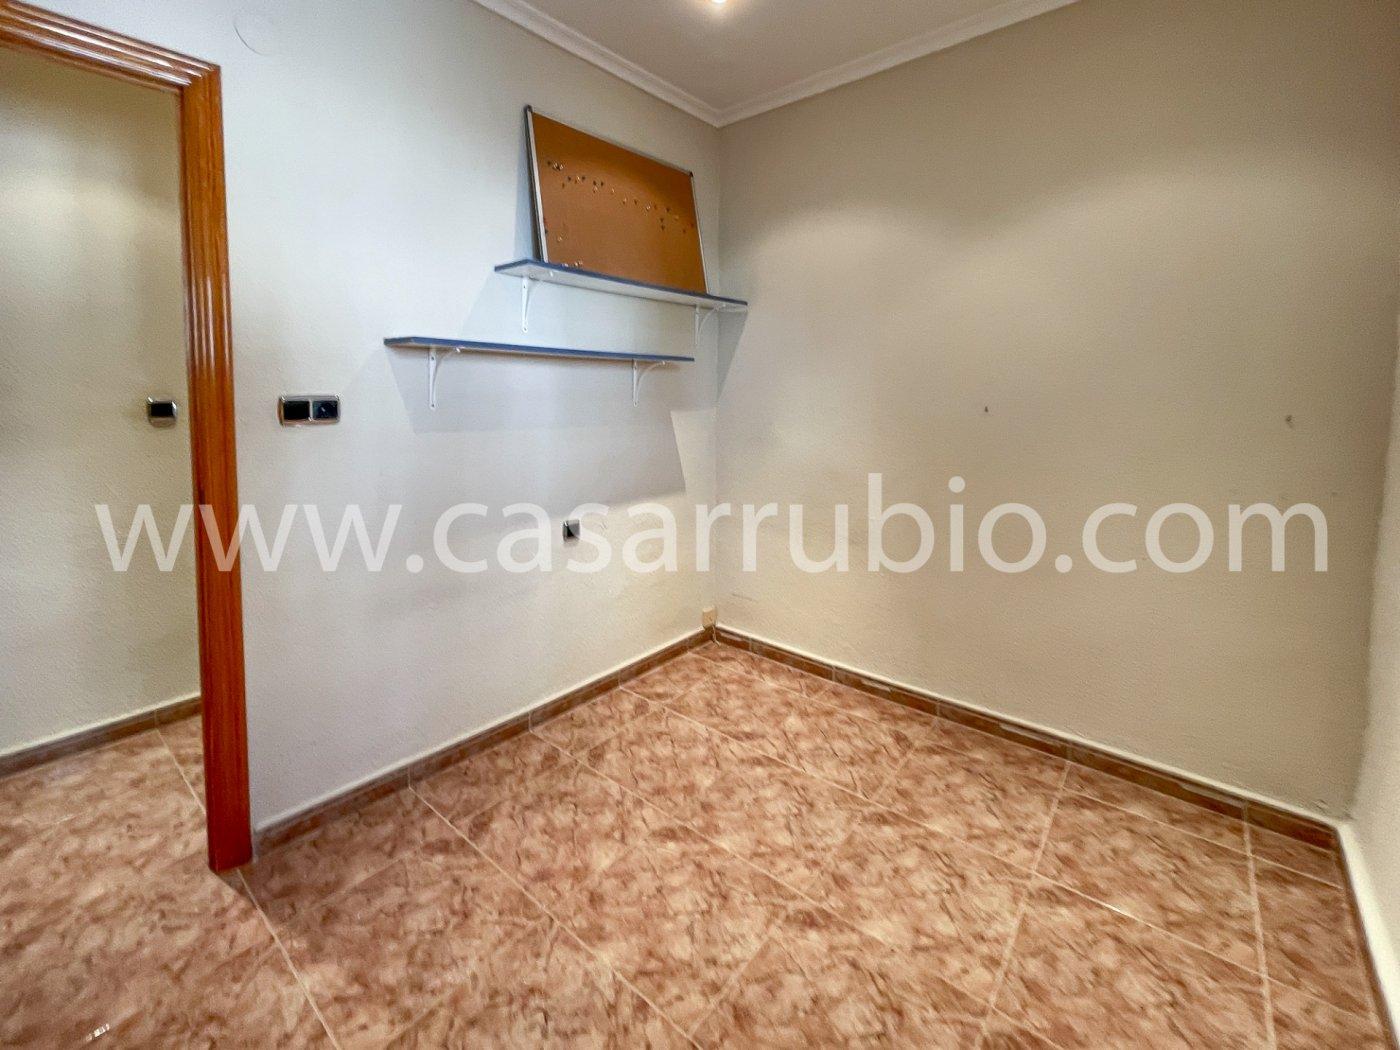 Estupenda casa reformada y con terraza en onil !! - imagenInmueble4